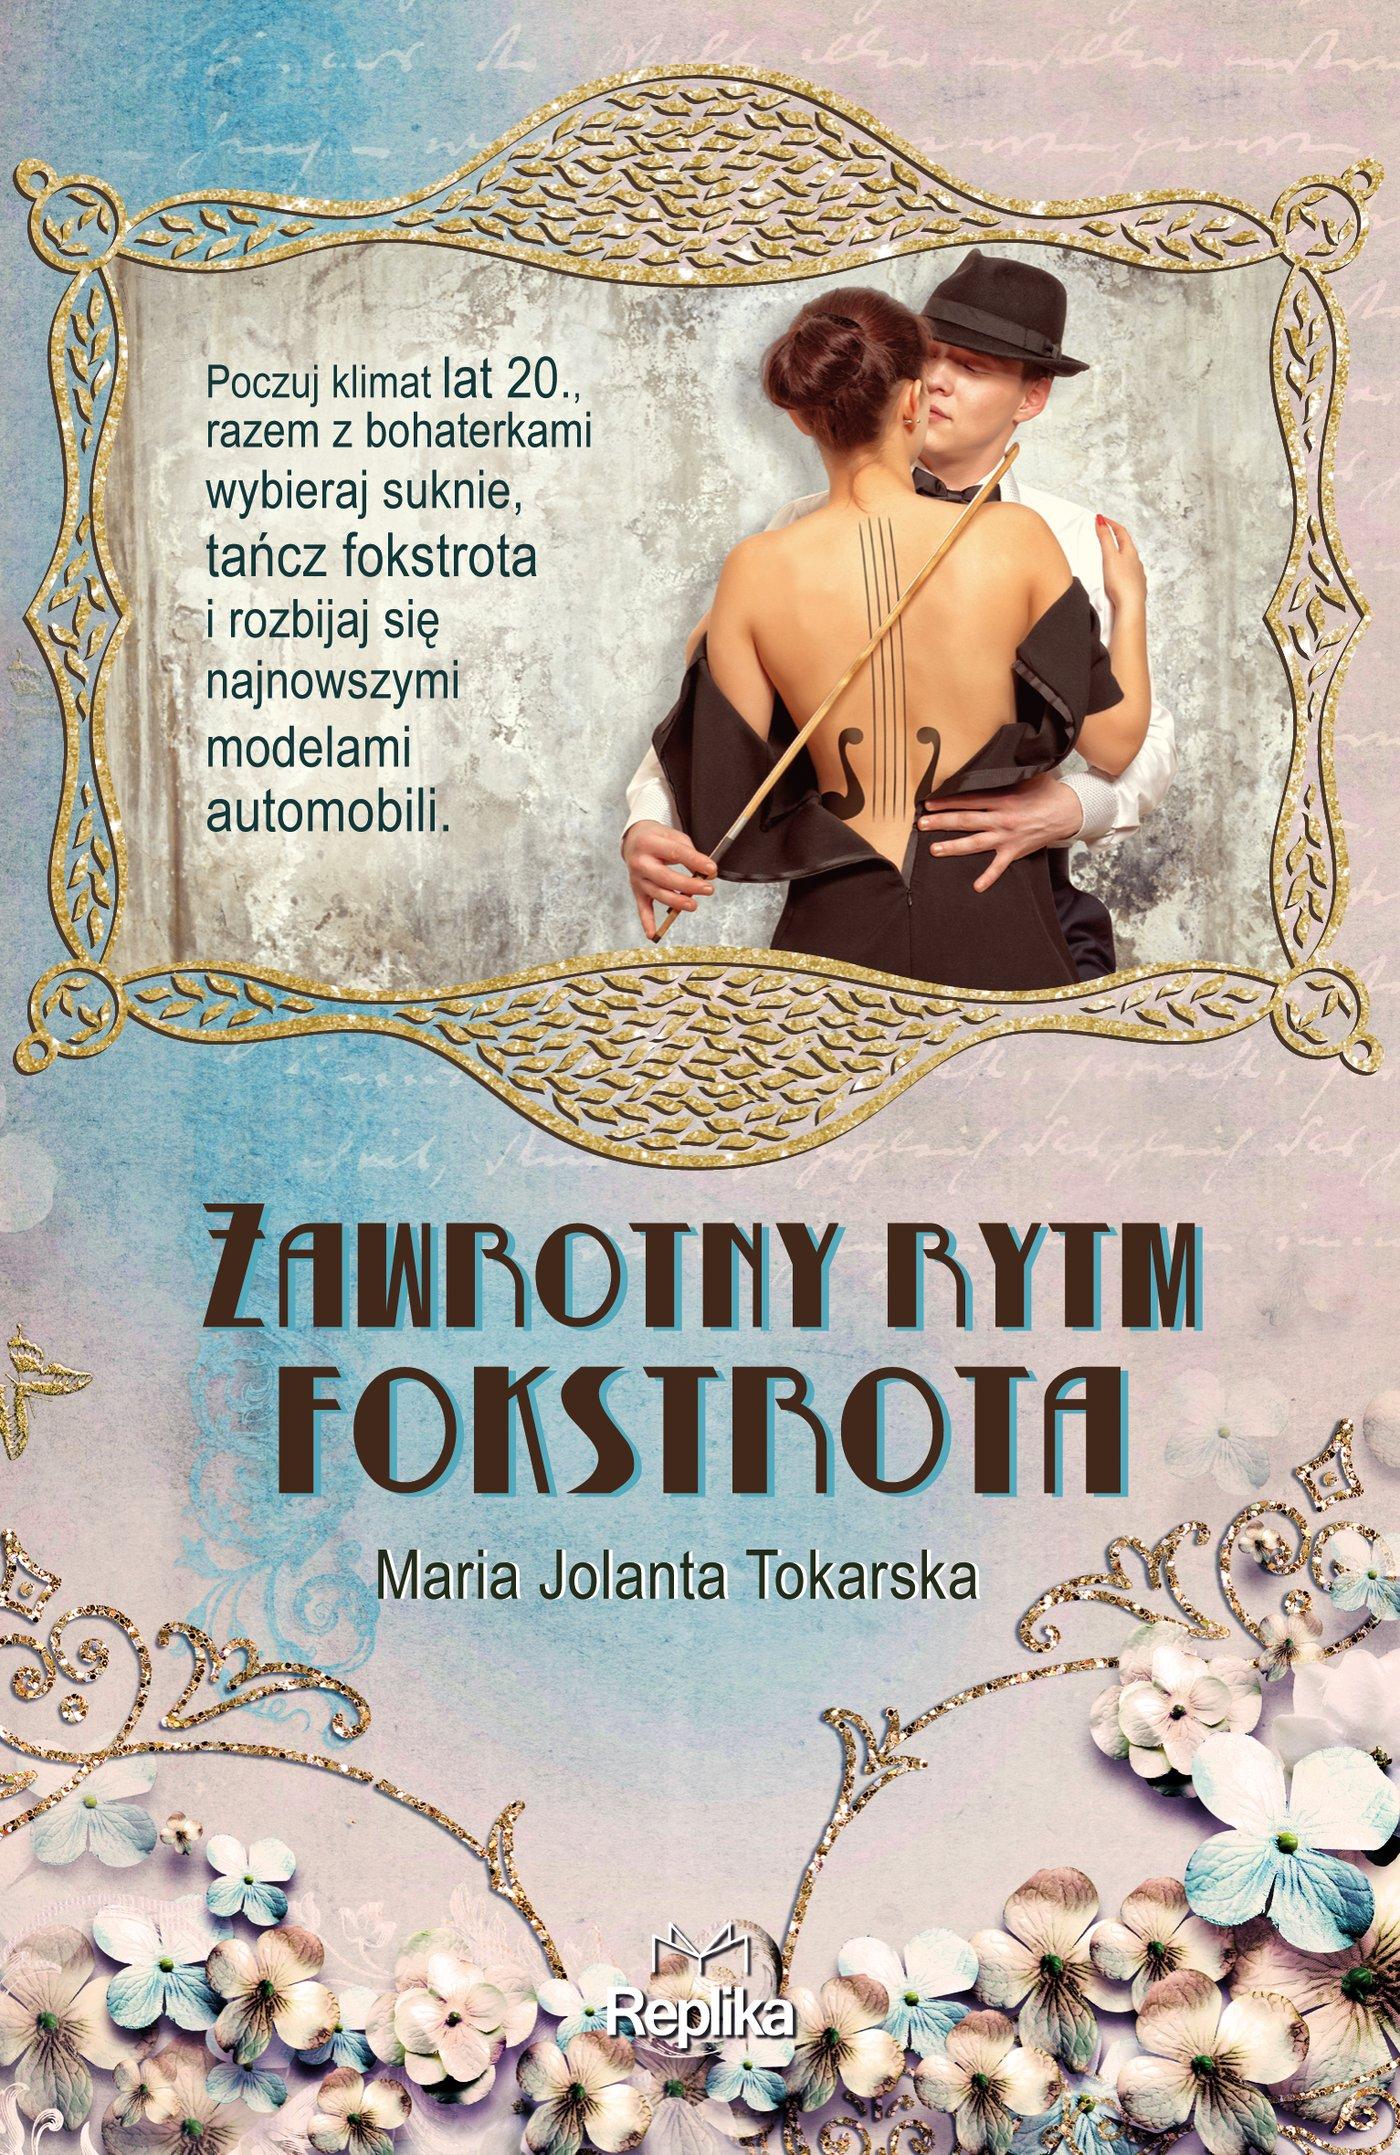 Zawrotny rytm fokstrota - Ebook (Książka na Kindle) do pobrania w formacie MOBI